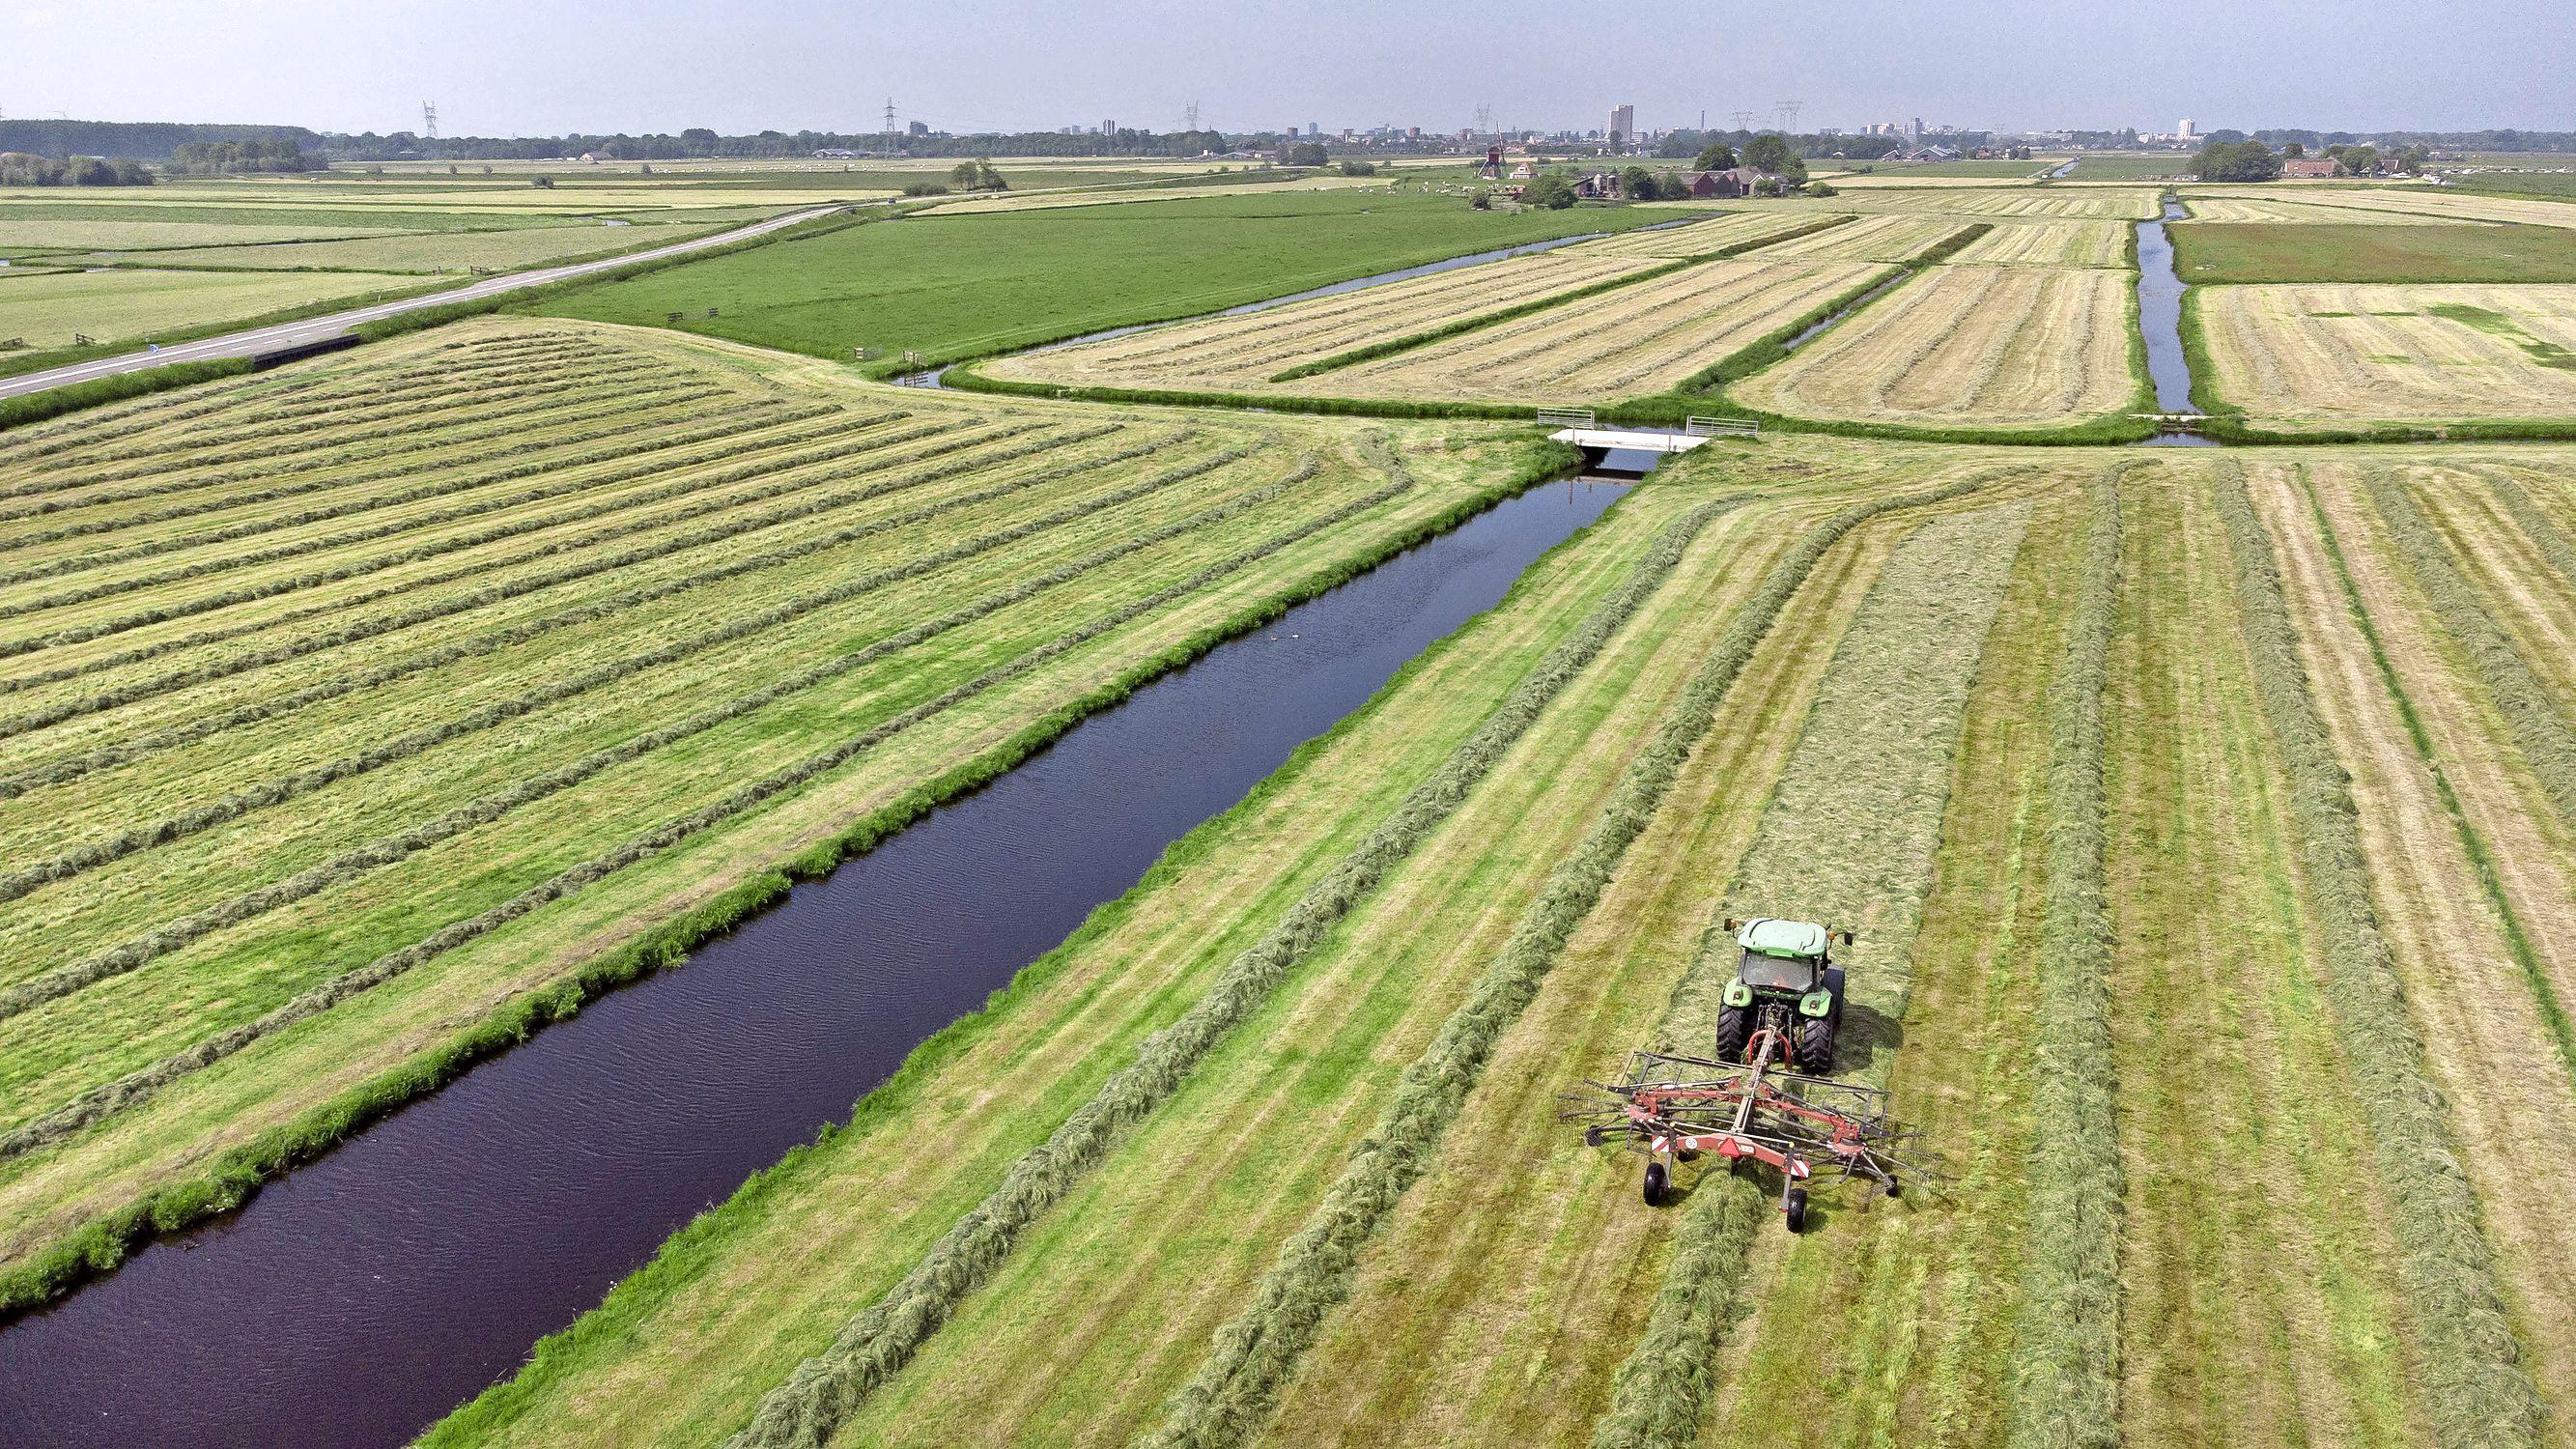 Eindelijk droog weer voor de gras inkuilende boeren